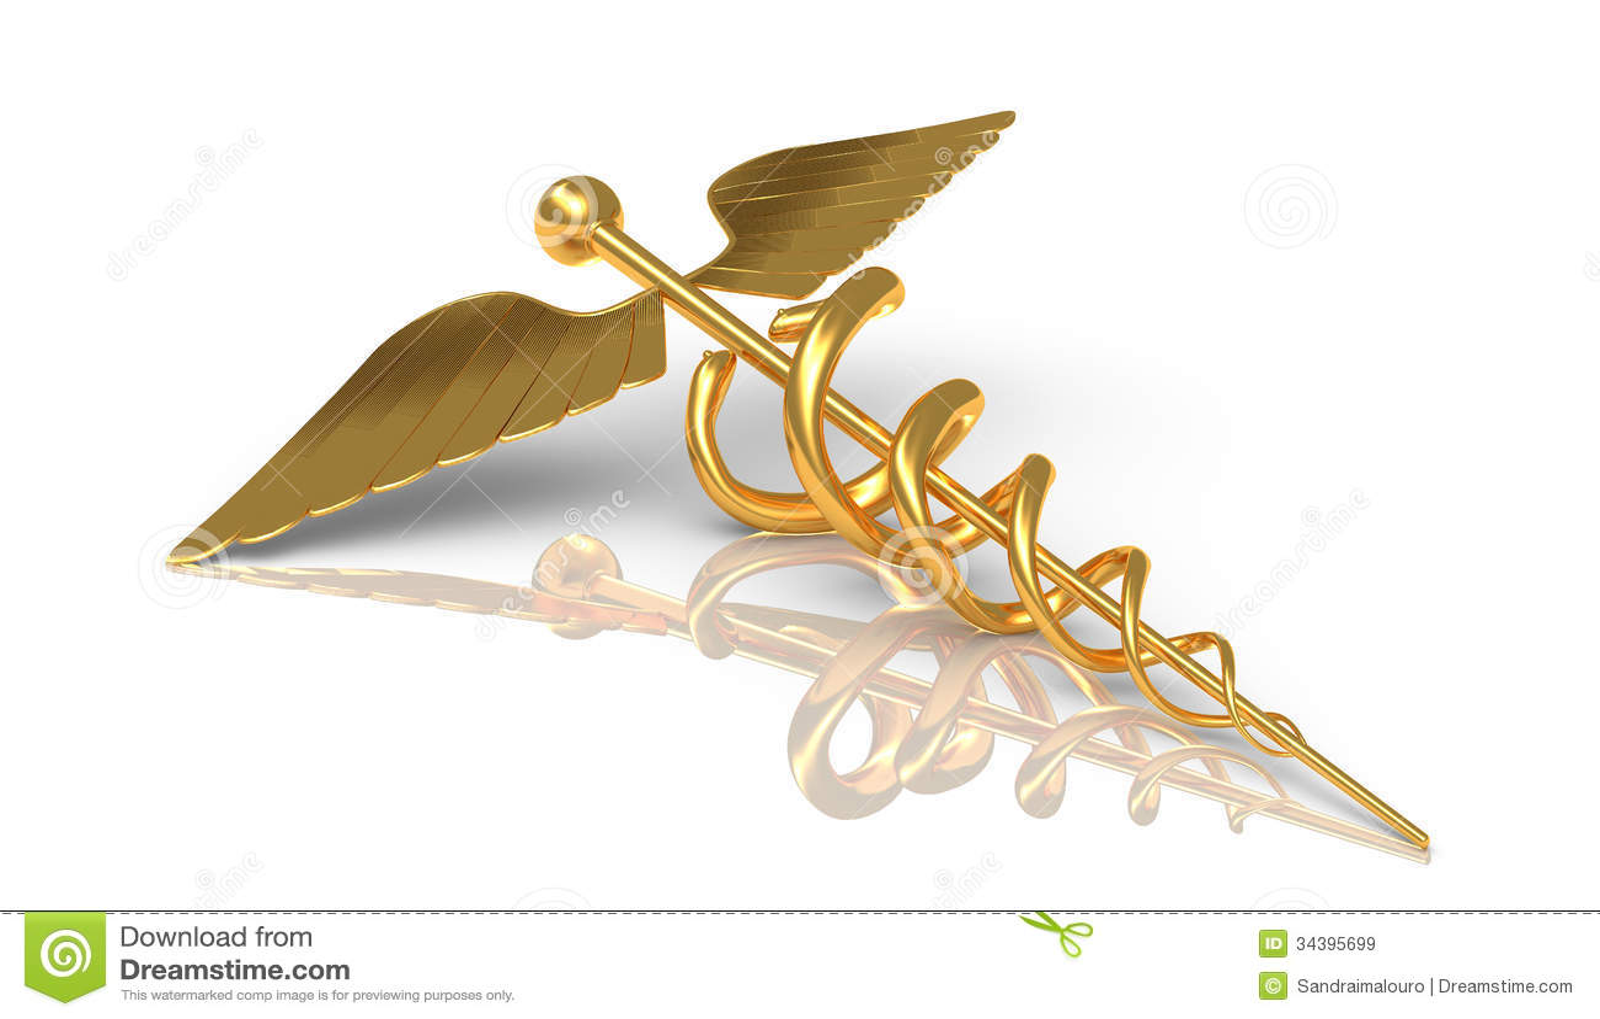 caduceus in goud het griekse symbool van hermes speld caduceus vector free caduceus vector download